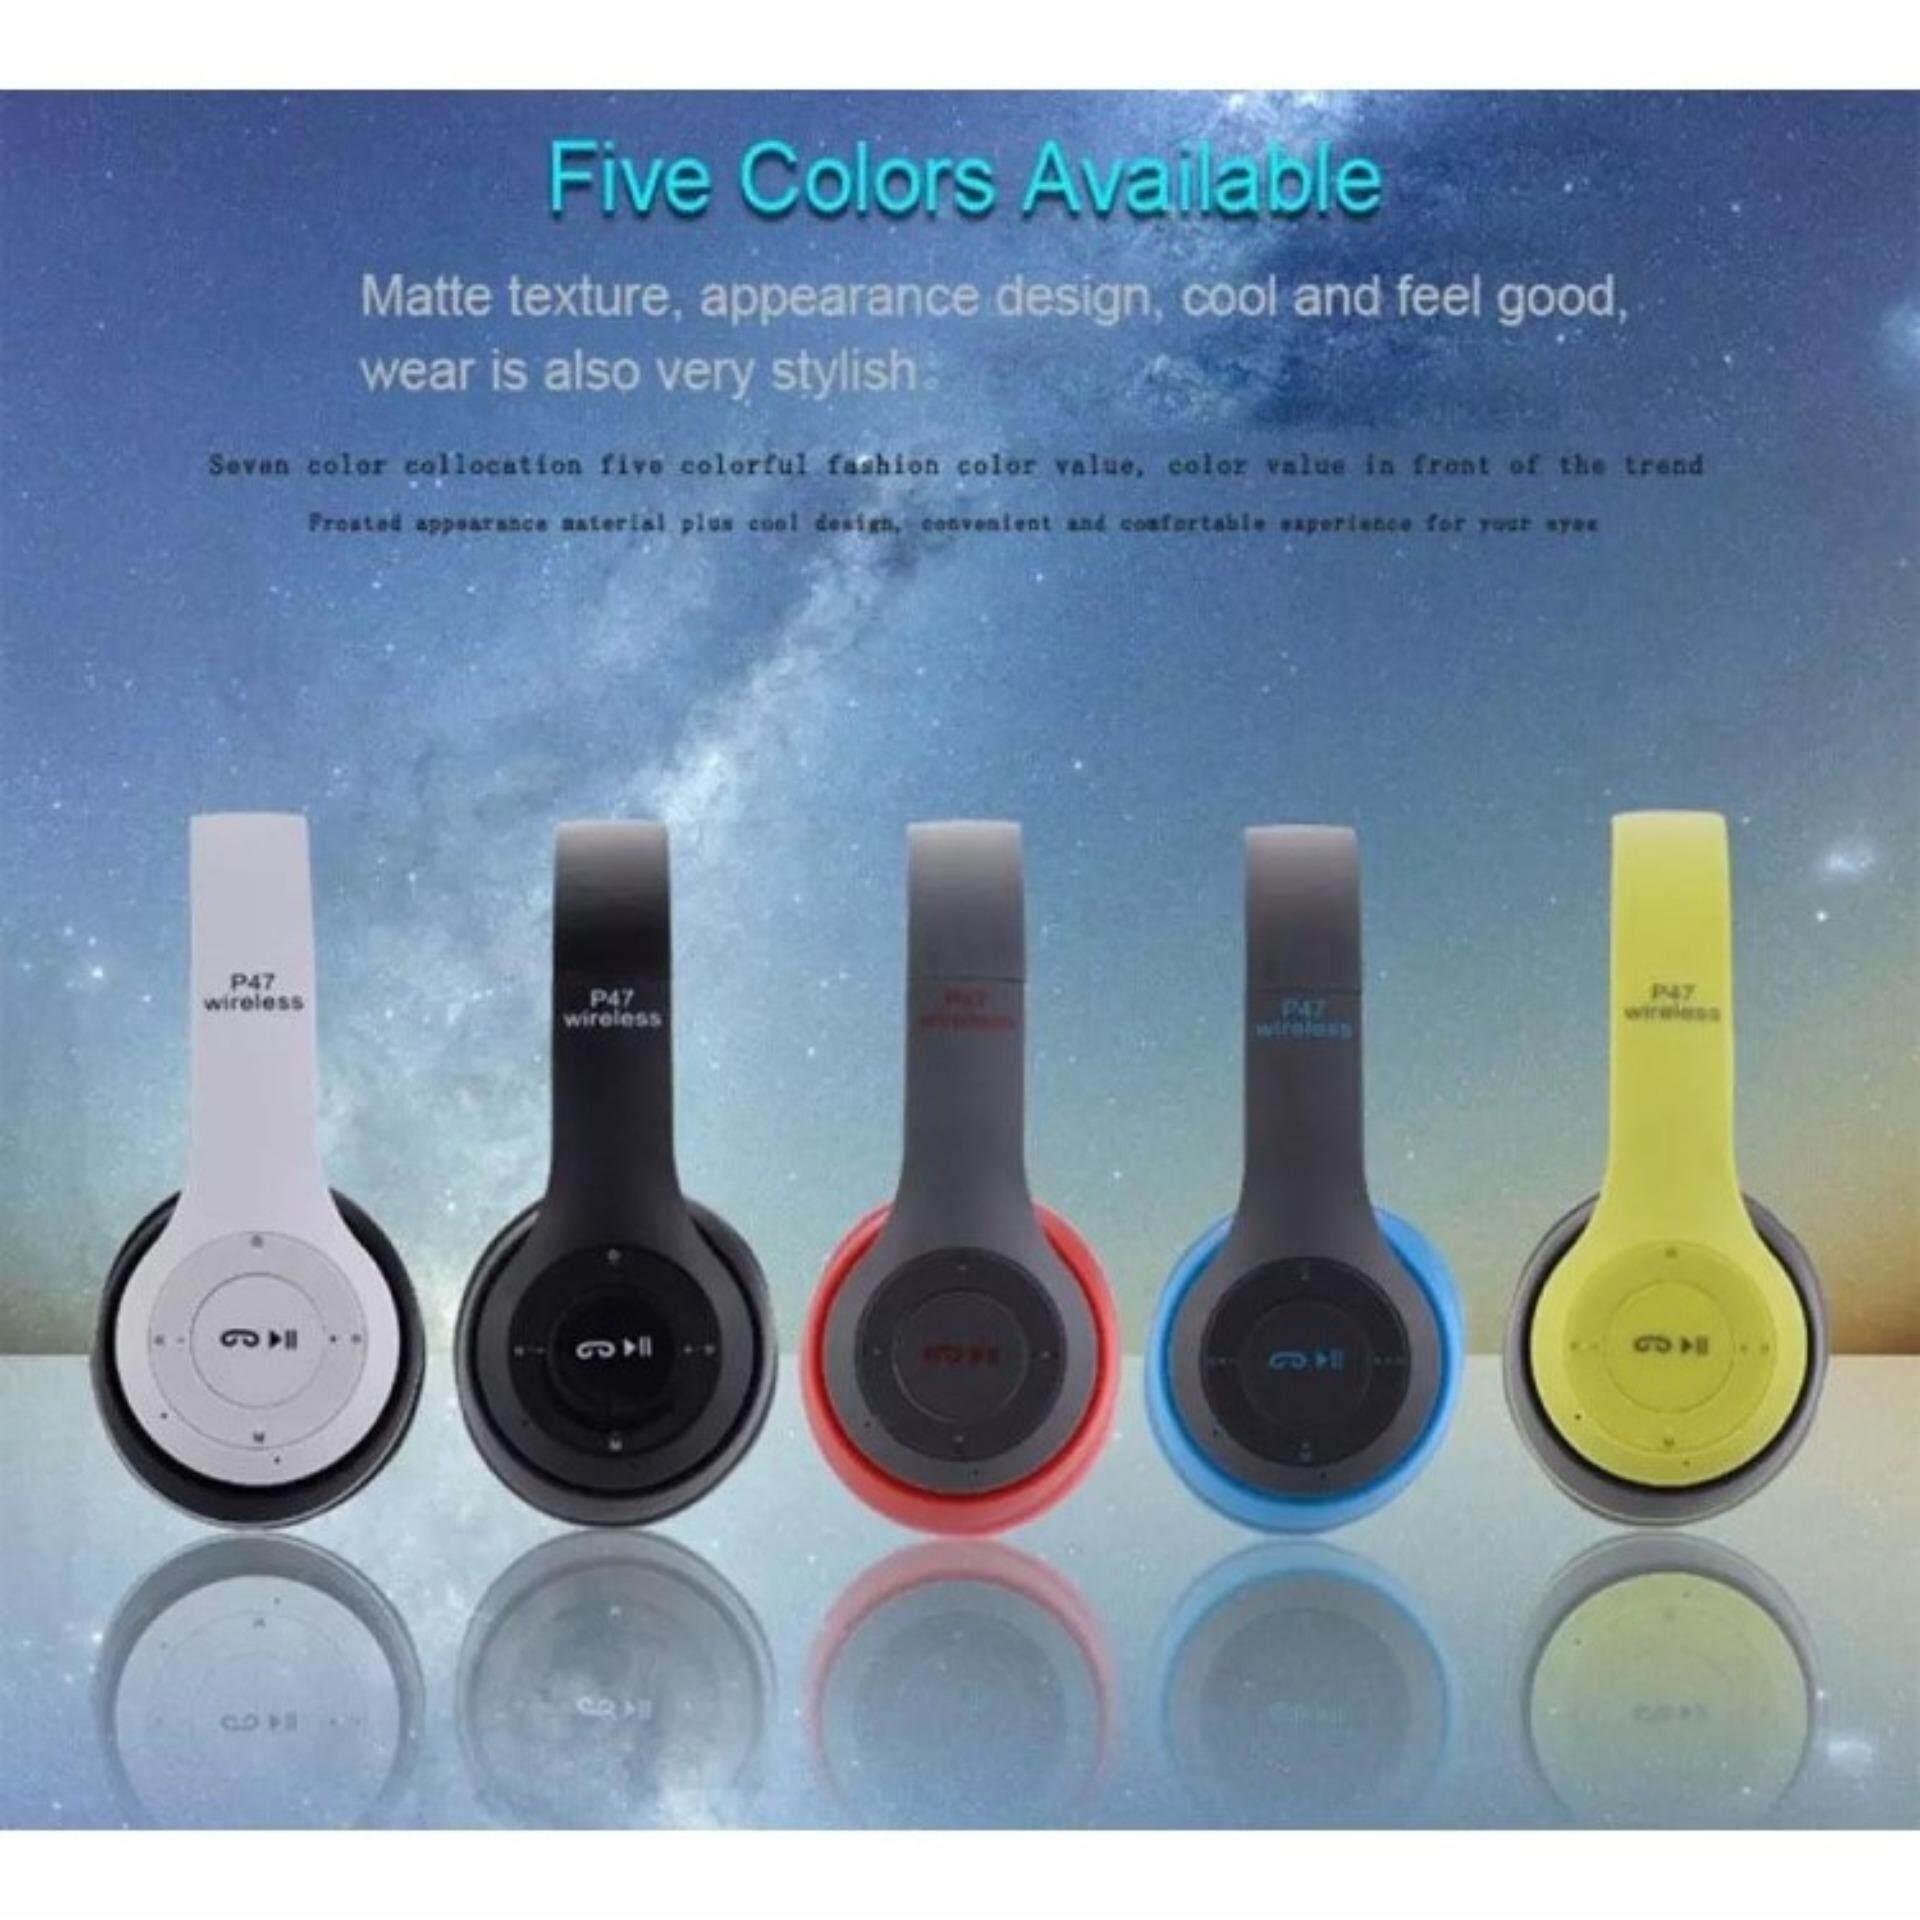 สั่งซื้อ MJDJ หูฟังบลูทูธ หูฟังBluetooth หูฟังไร้สายwireless Stereo รุ่น P47 ซื้อที่ไหน